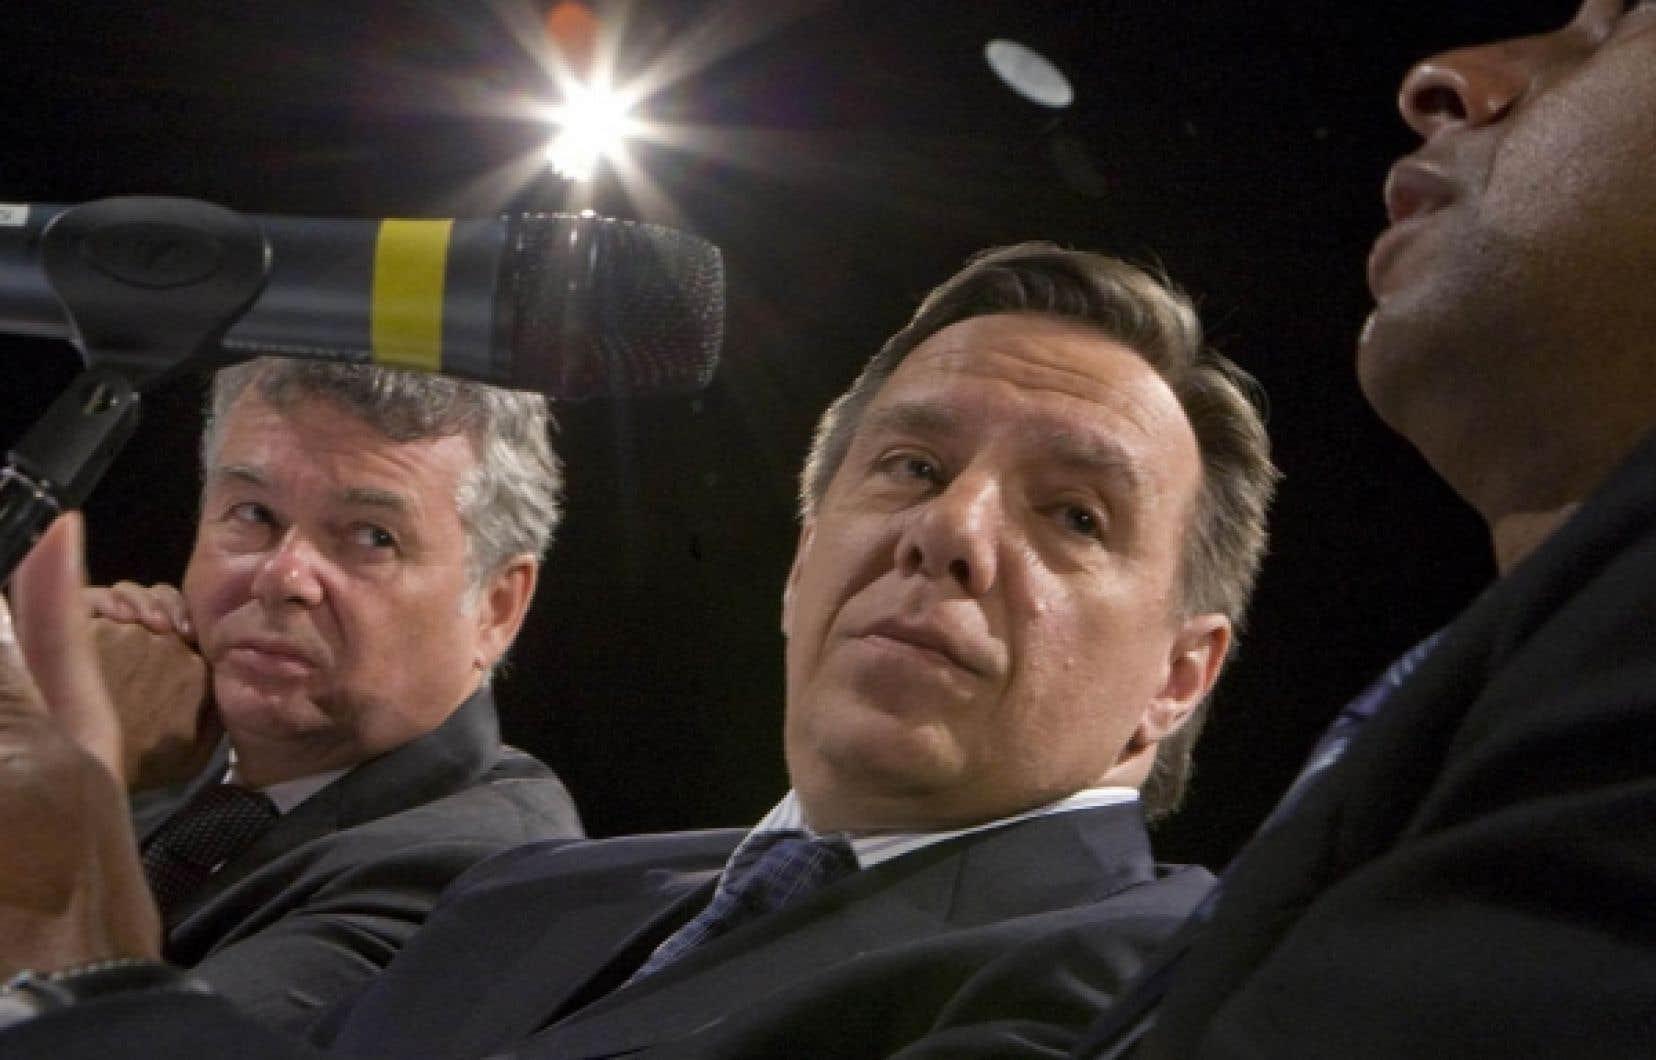 La coalition propose de limiter à 45 000 le nombre d'immigrants annuels au Québec durant deux ans. Le nombre actuel d'immigrants accueillis par le Québec est de 55 000, et la CAQ souhaiterait le stabiliser à 50 000.